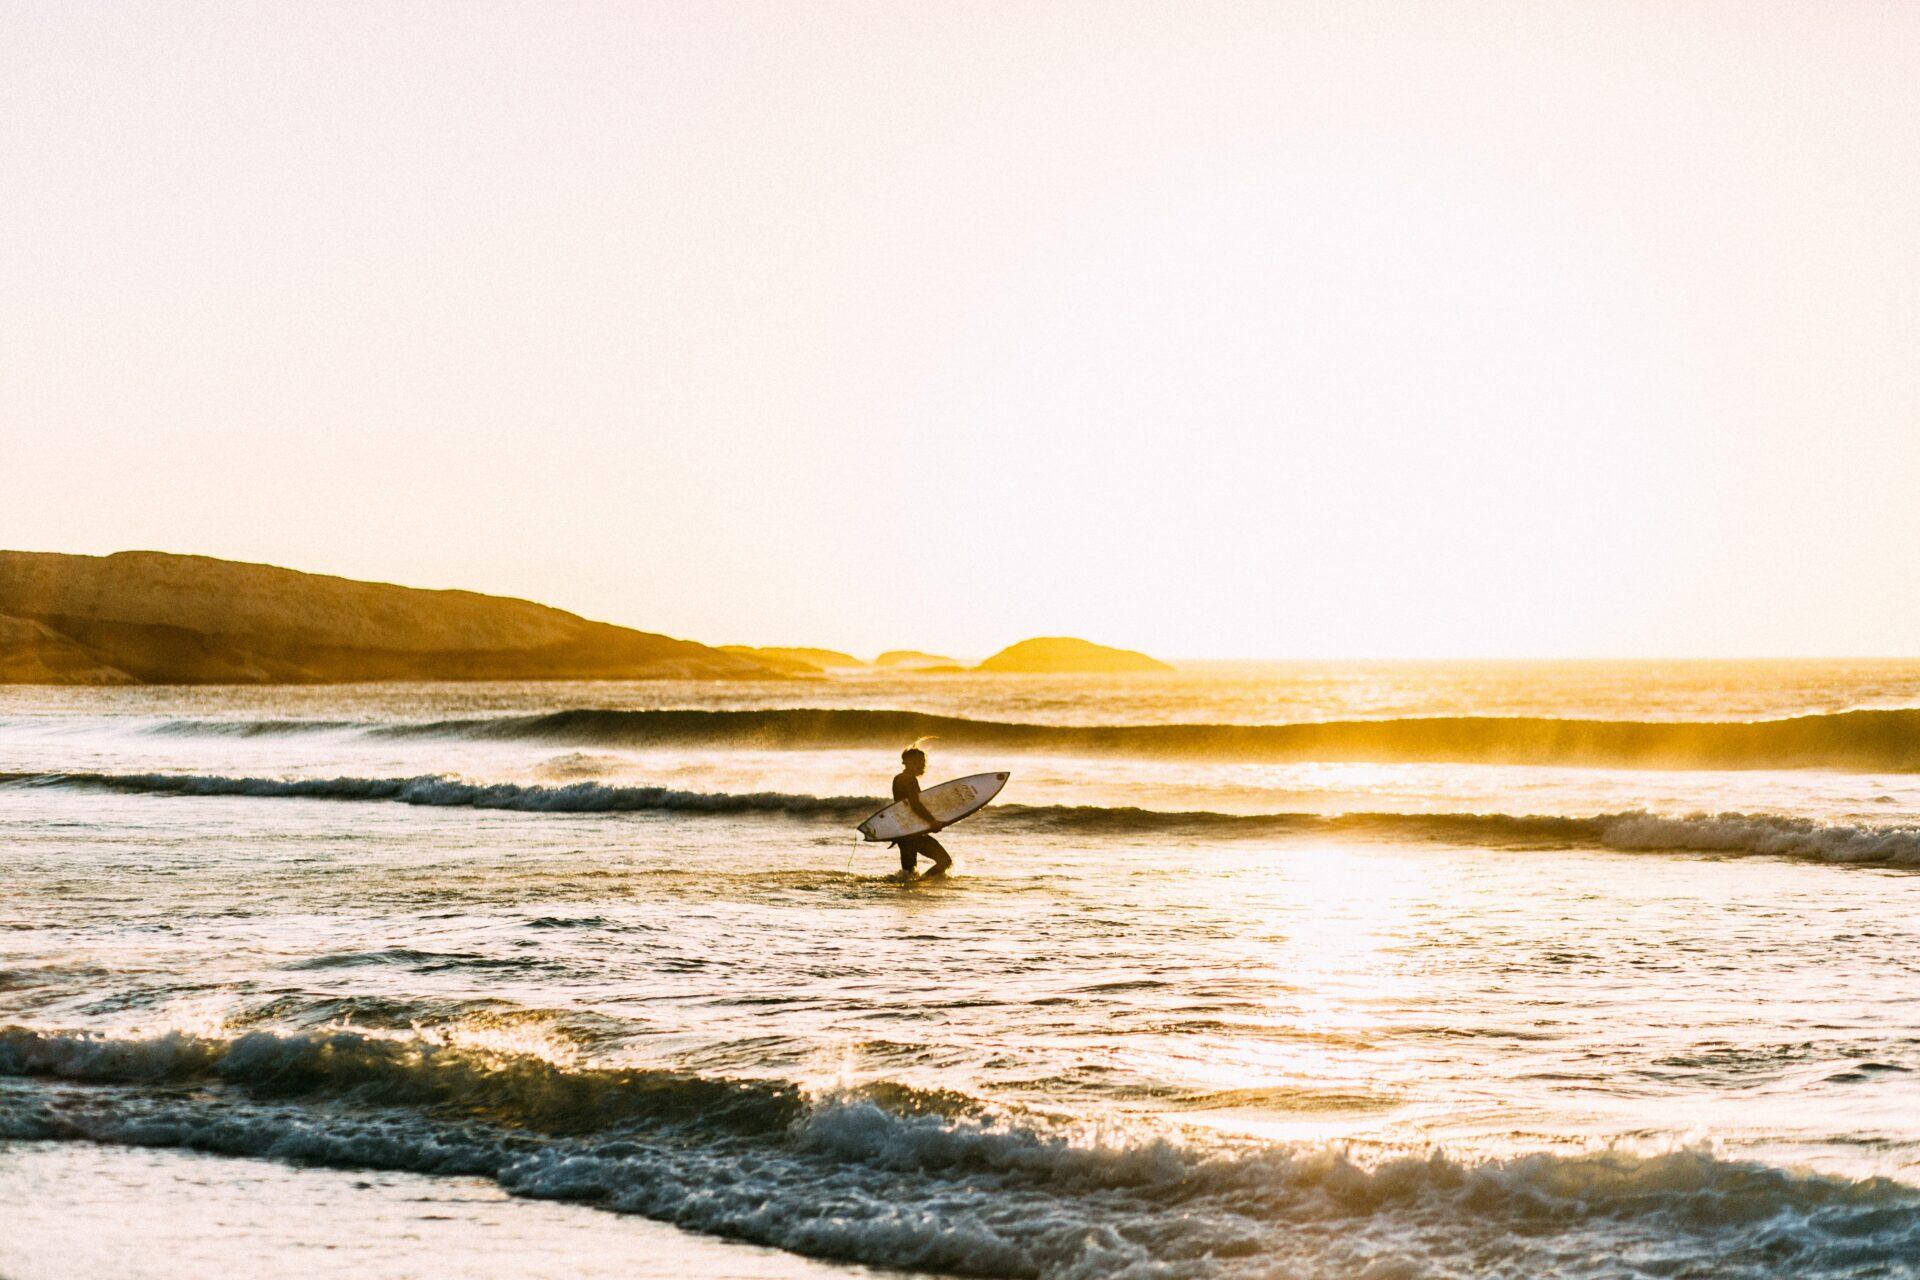 Beste duurzame zonnecrèmes om te surfen - Zink zonnecrème